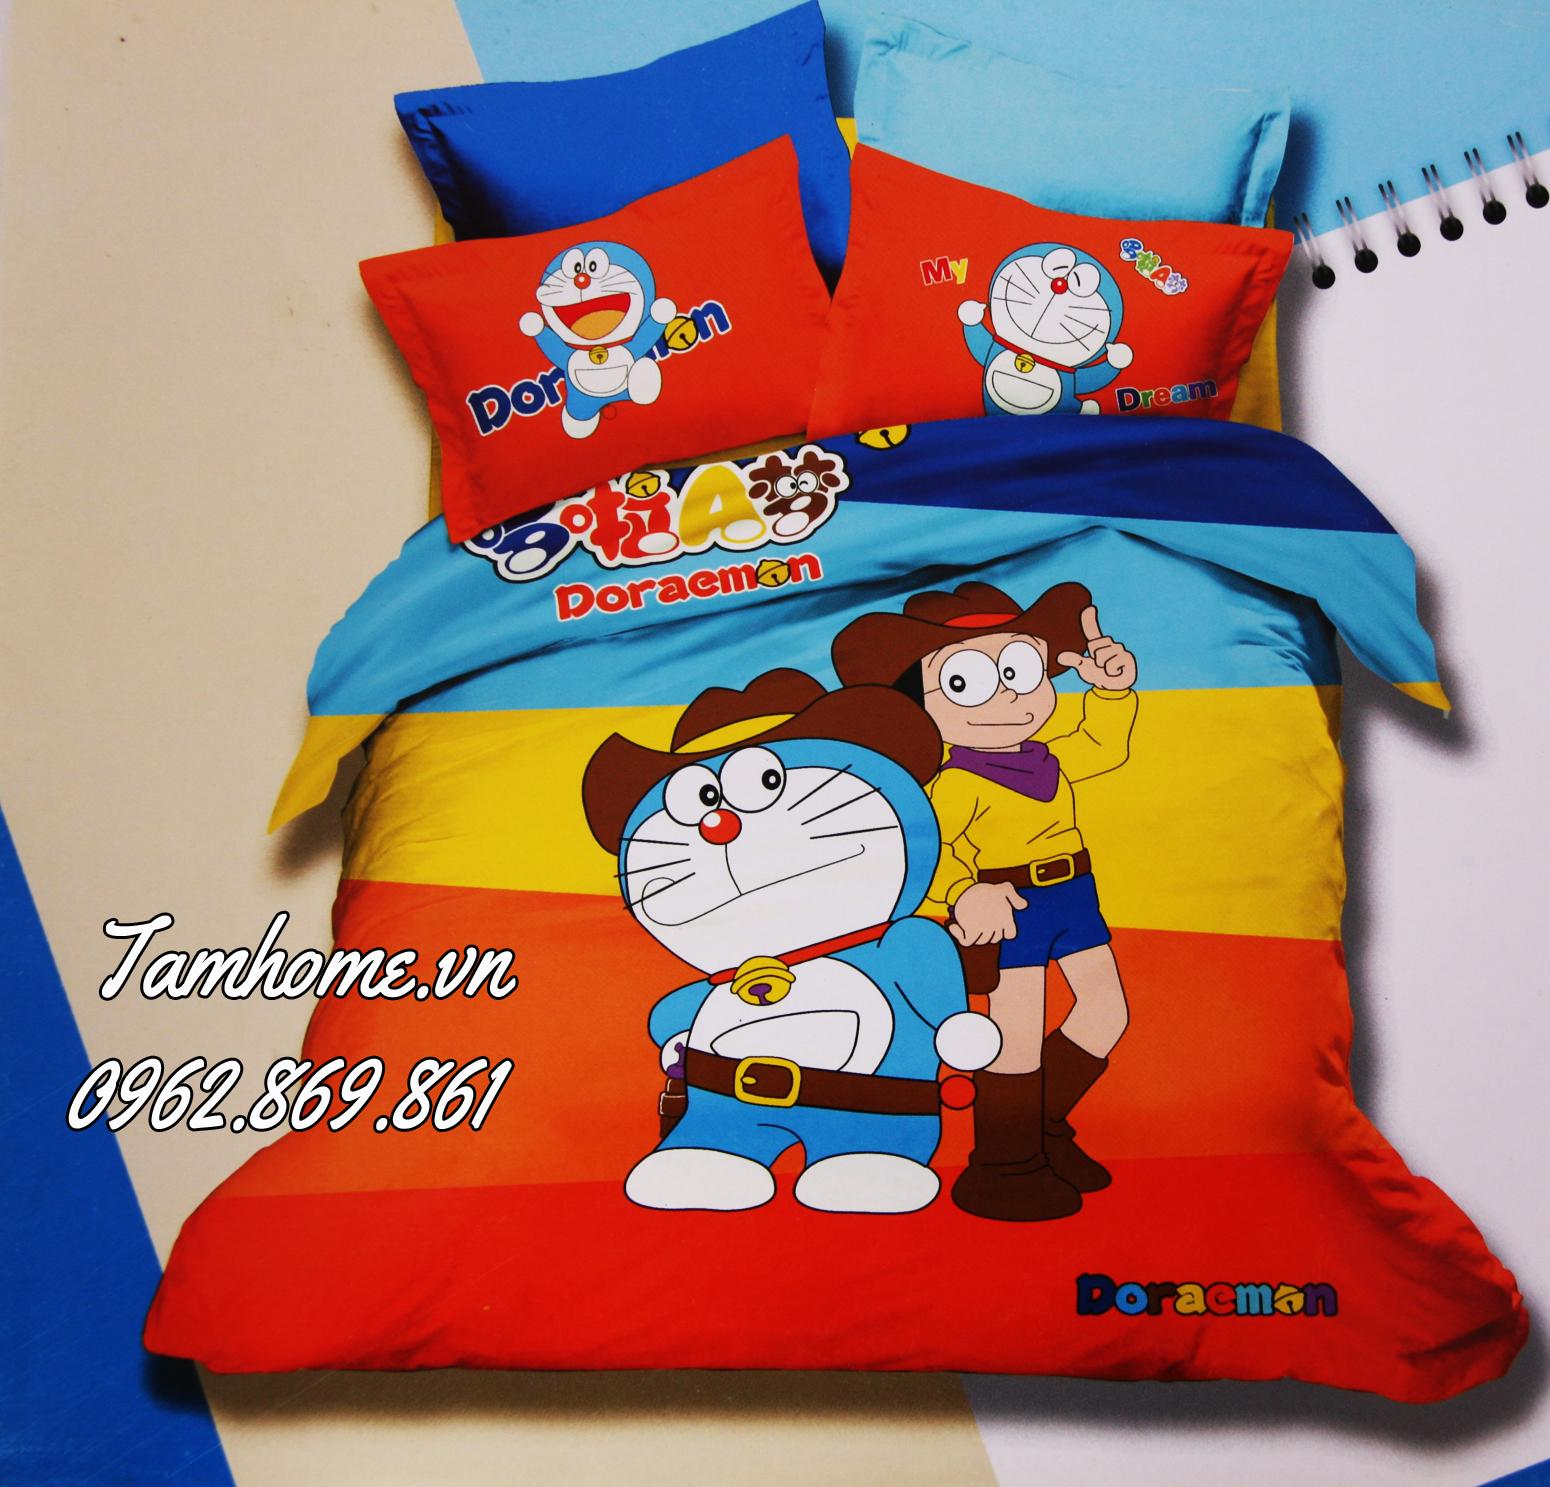 Bộ Chăn Ga Gối Trẻ Em Doremon Và Nobita Tamhomevn Xưởng Chăn Ga Gối